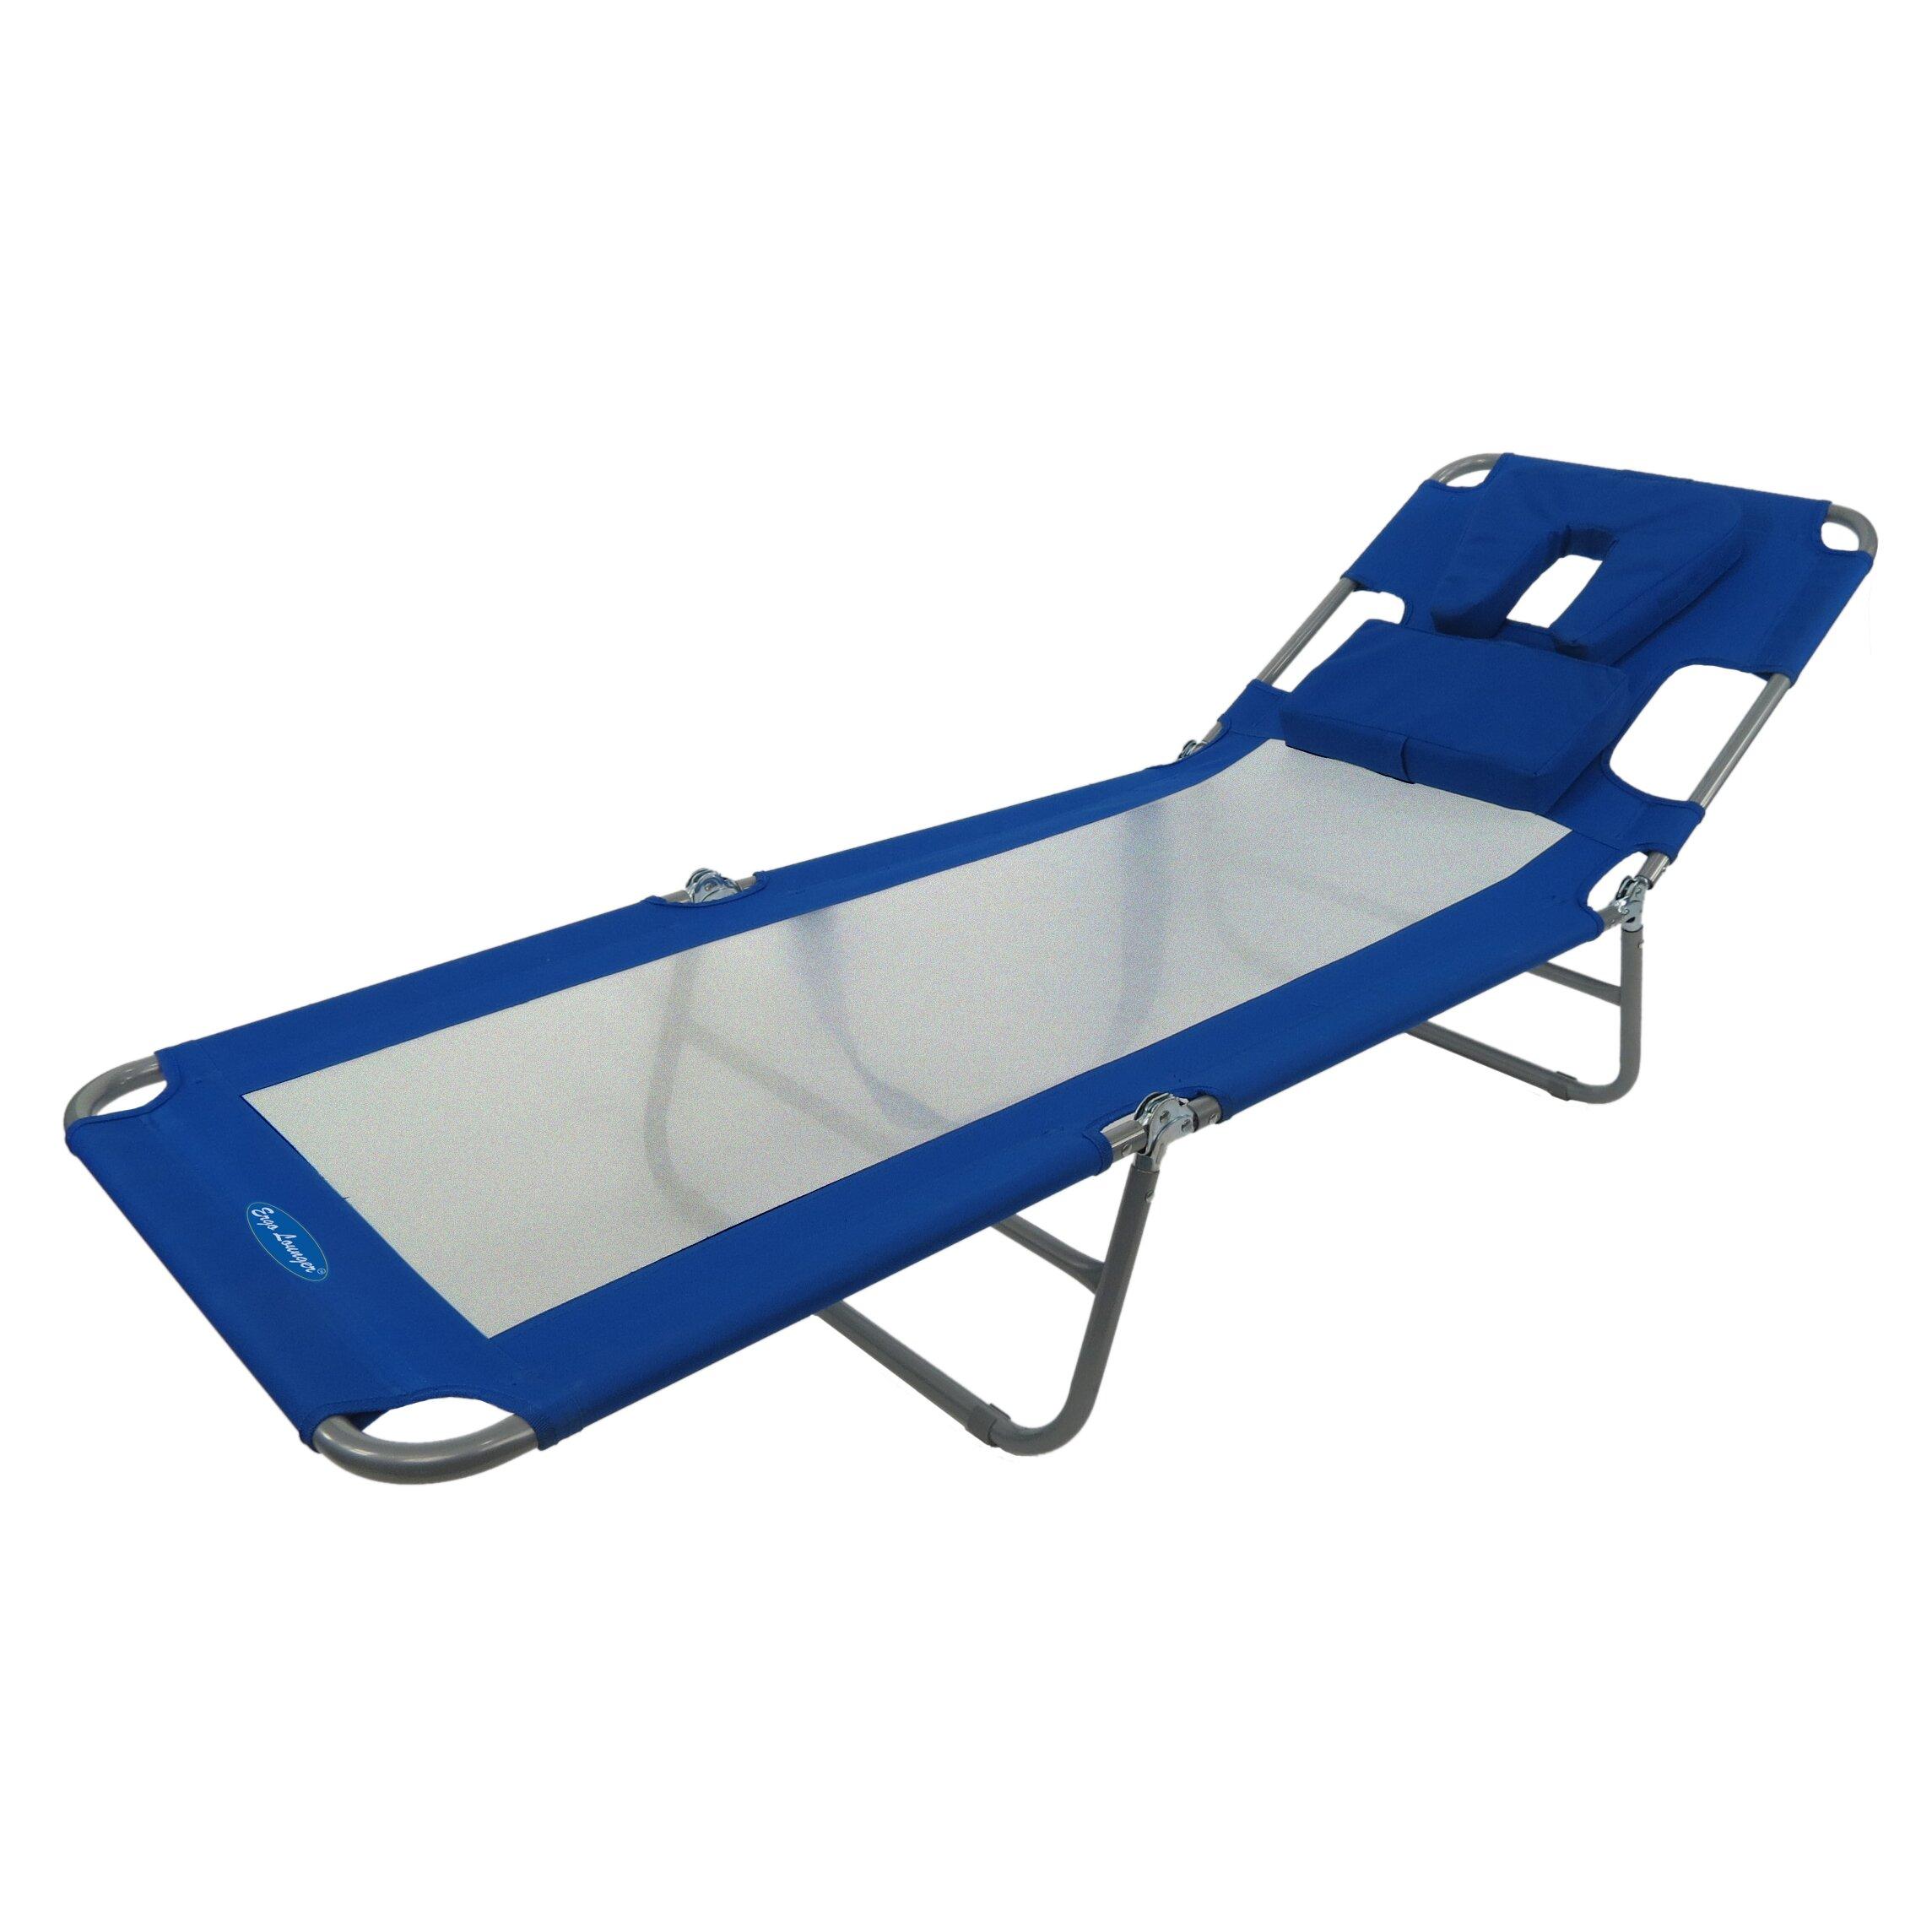 Ergolounger Cool Face Down Beach Chair & Reviews